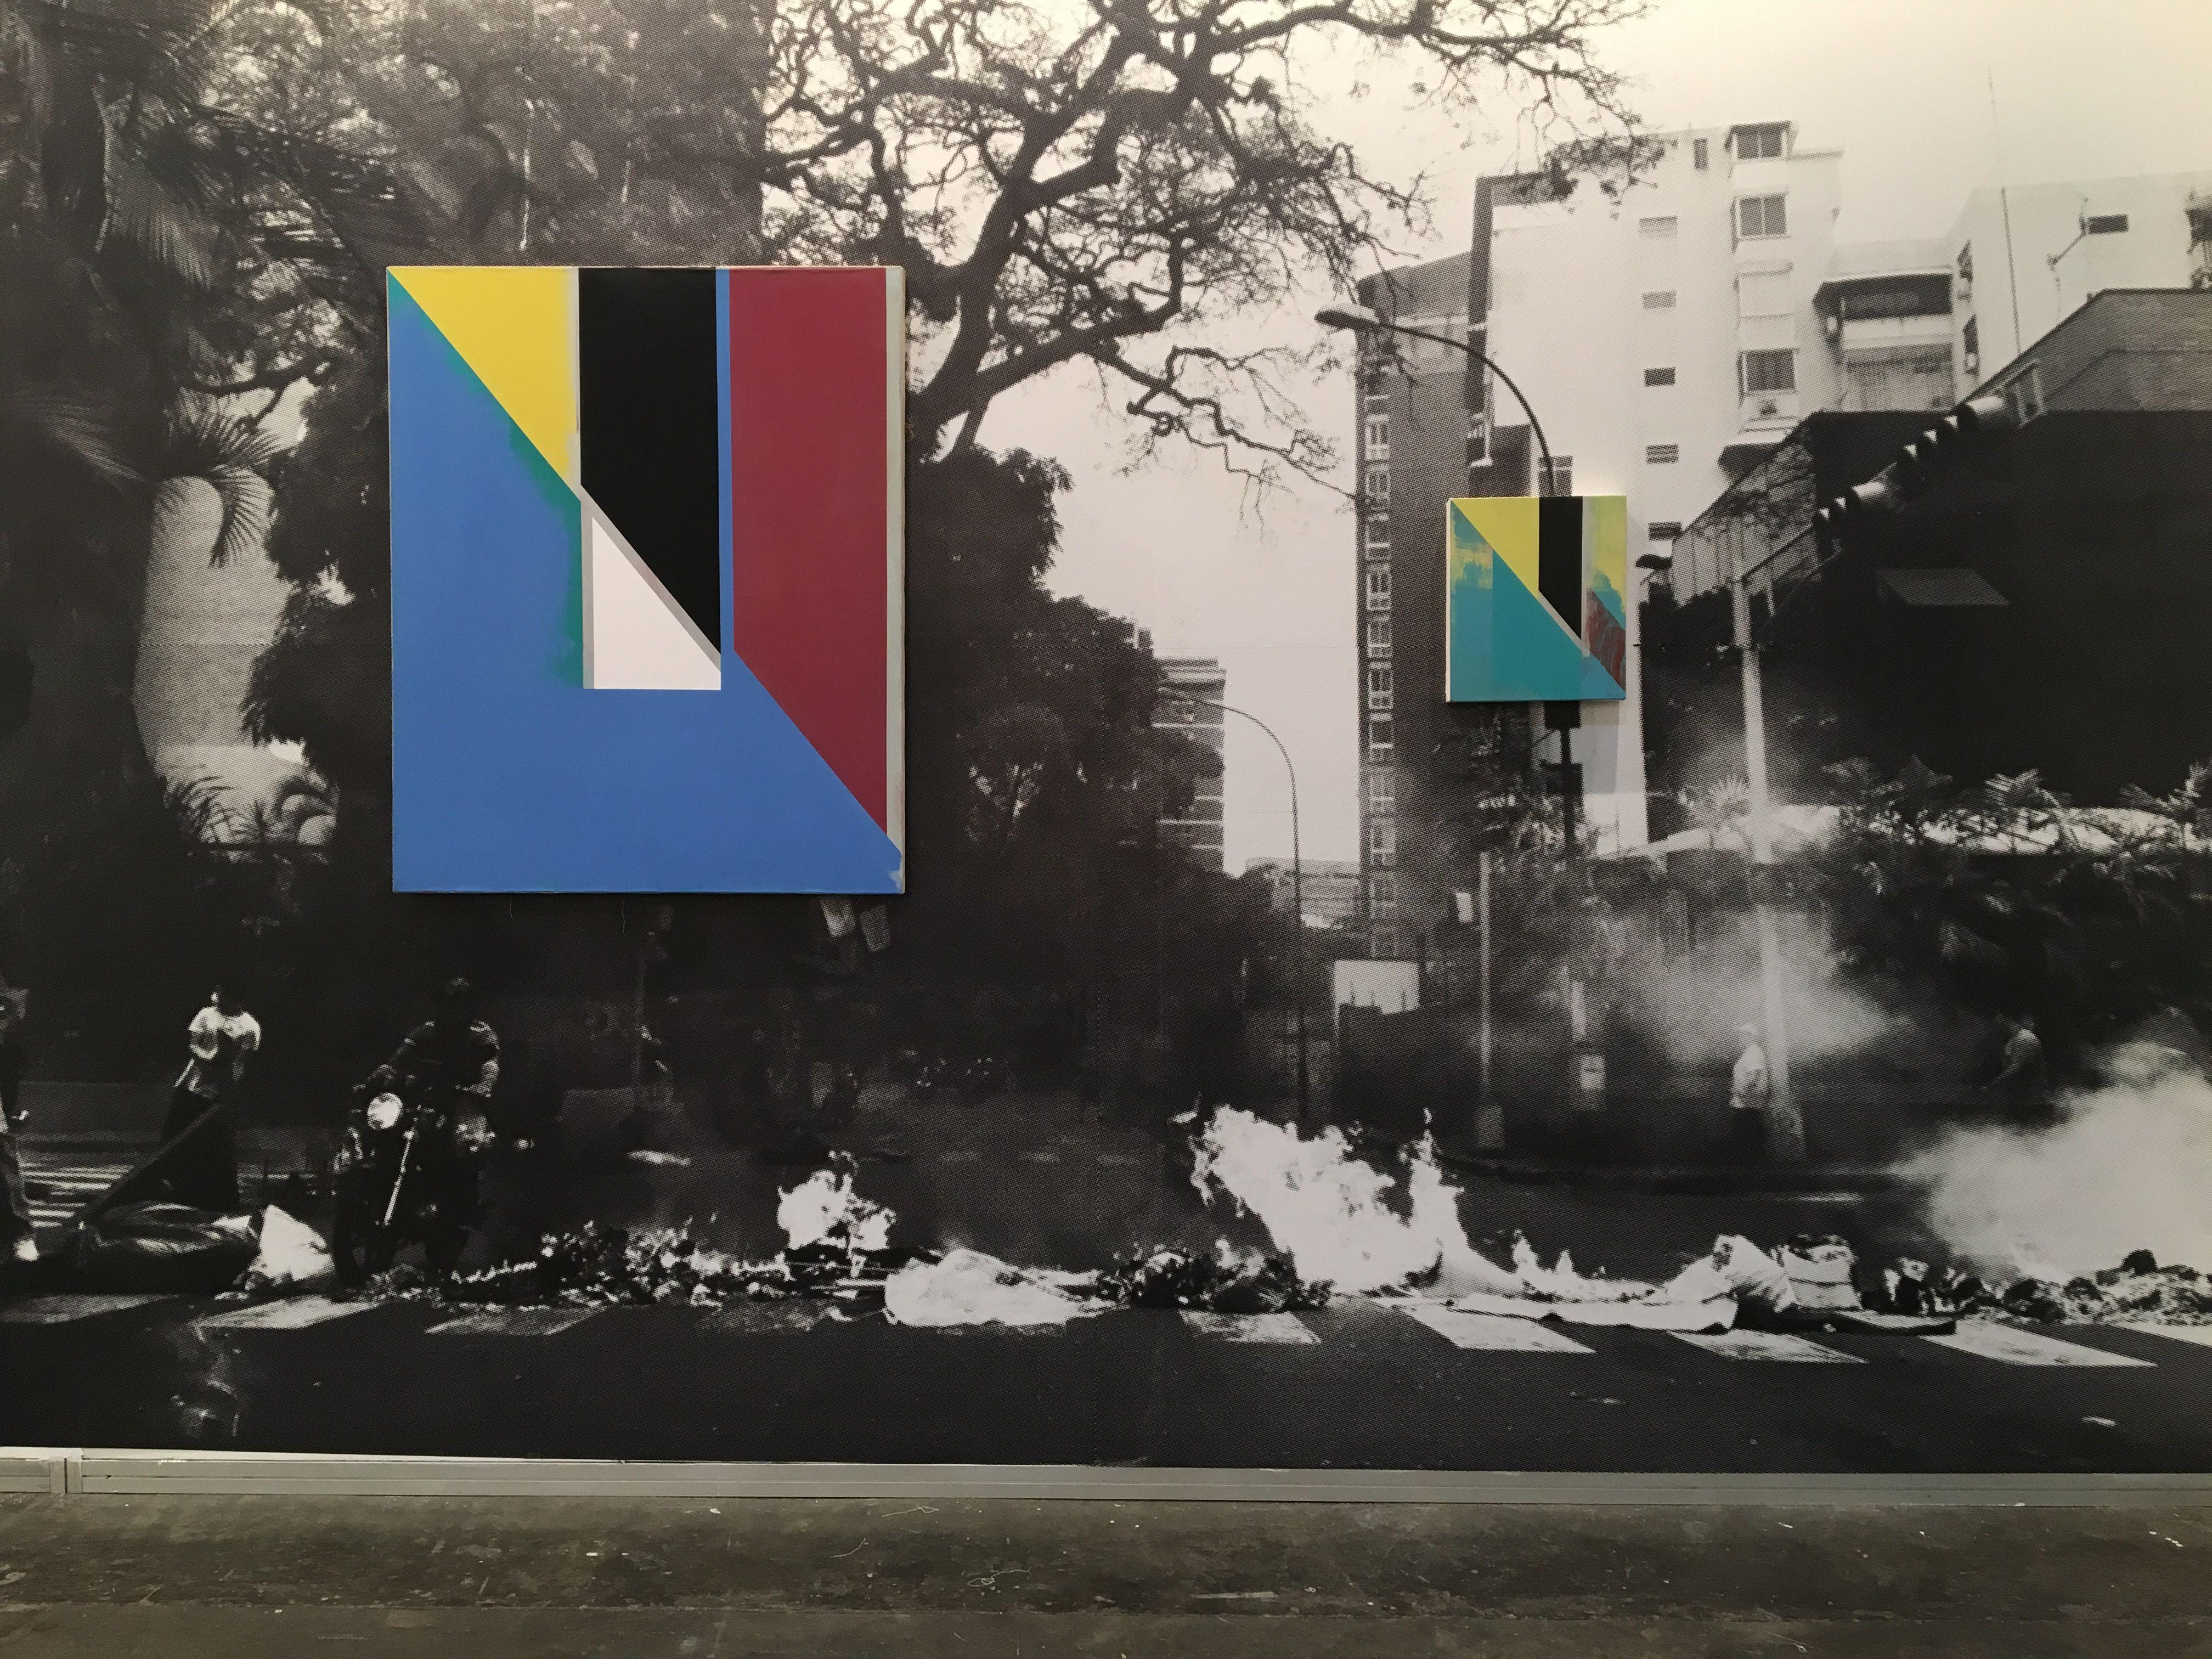 Jaime Gili, Guarimba, 2017, en (bis) Oficina de Proyectos, Colombia. Feria arteBA 2017. Cortesía de la galería